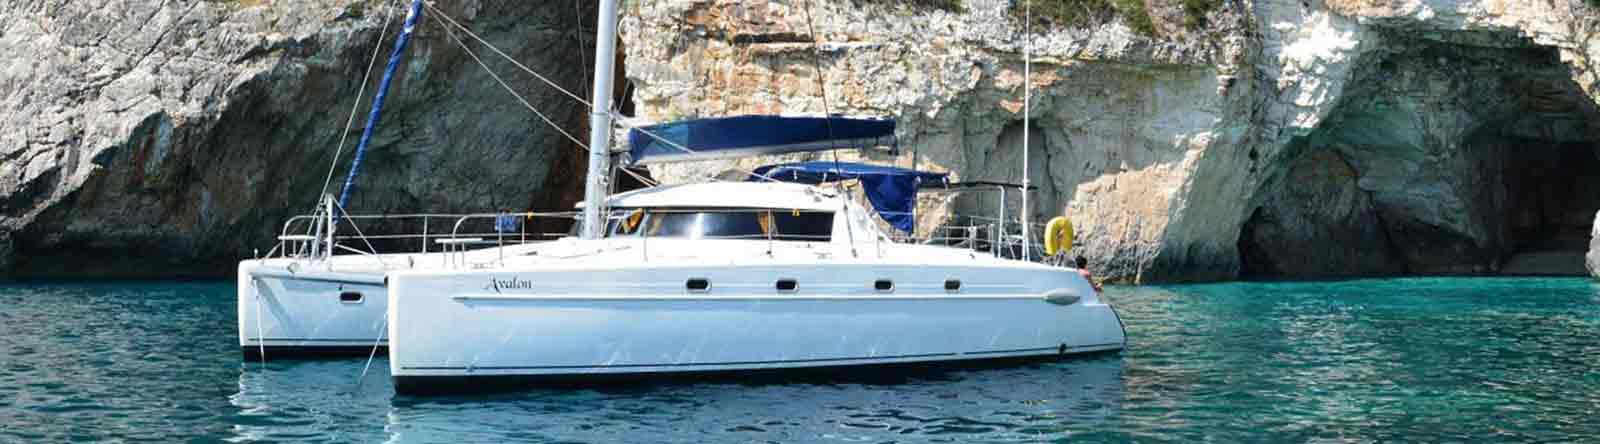 Katamaran Avalon ist ein komfortabel ausgestatteter Katamaran vom Typ Belize 43 der Werft Fountaine Pajot